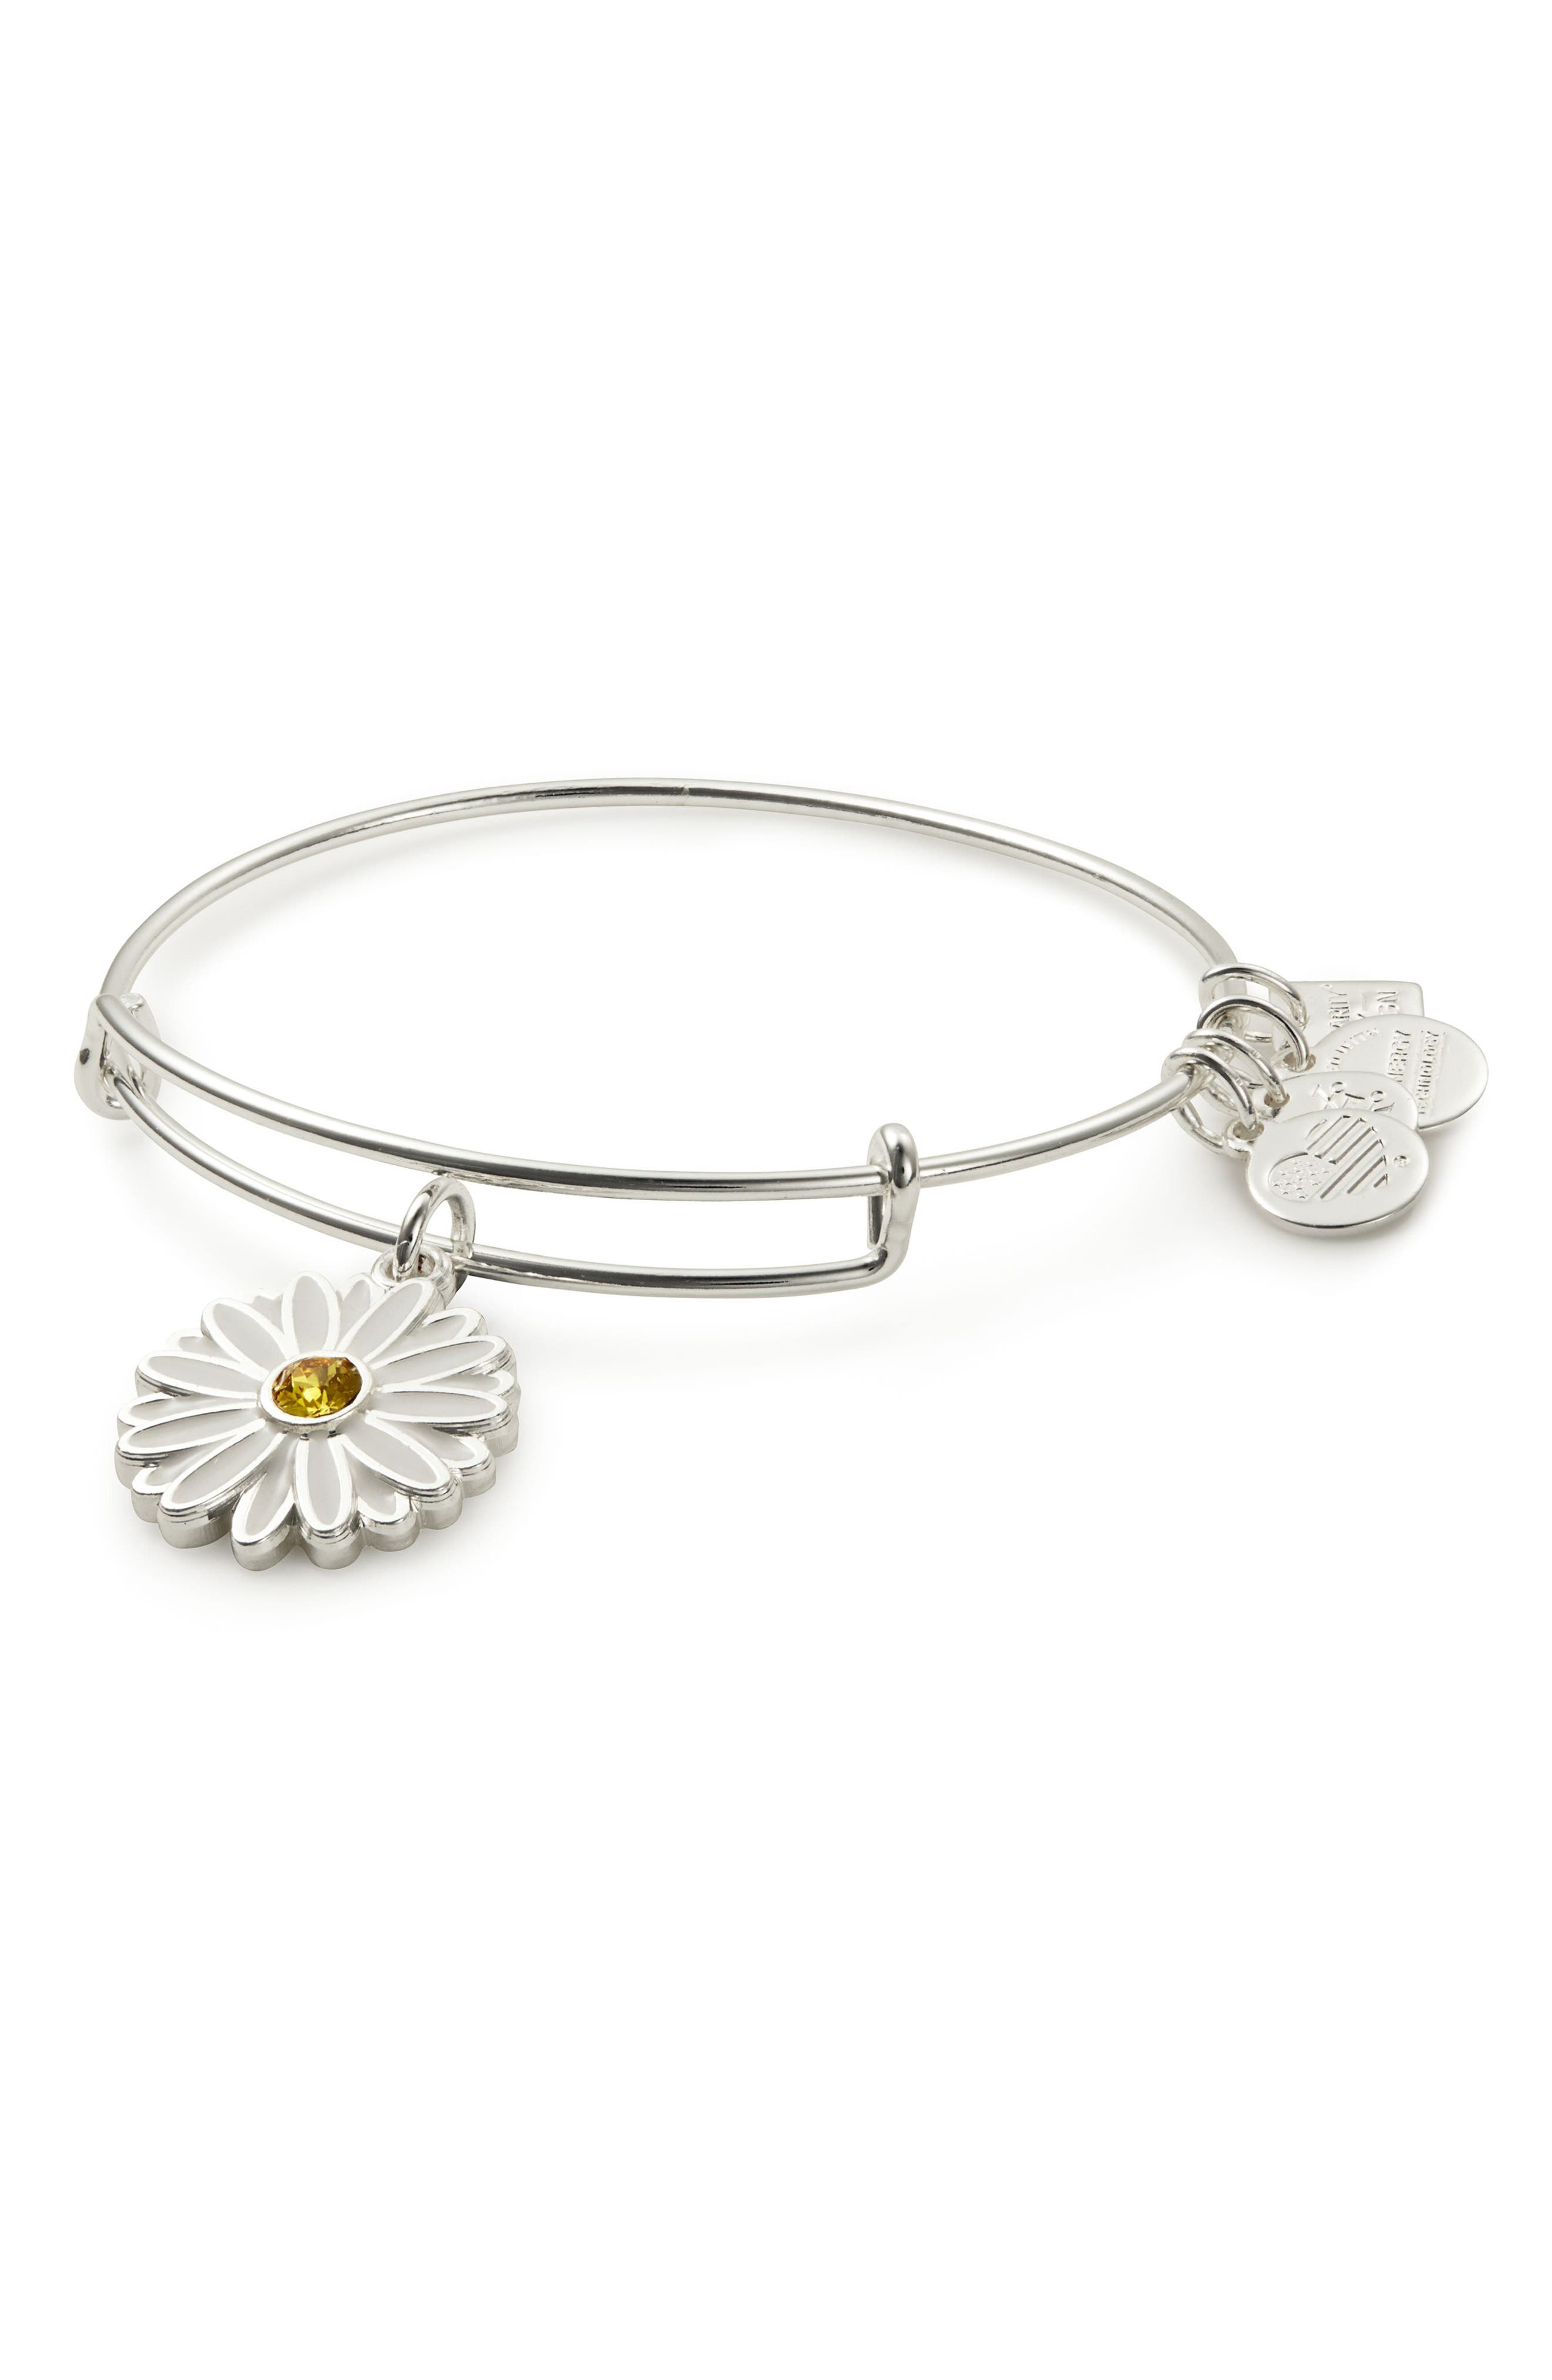 Expandable Daisy Charm Bracleet,                         Main,                         color, Silver